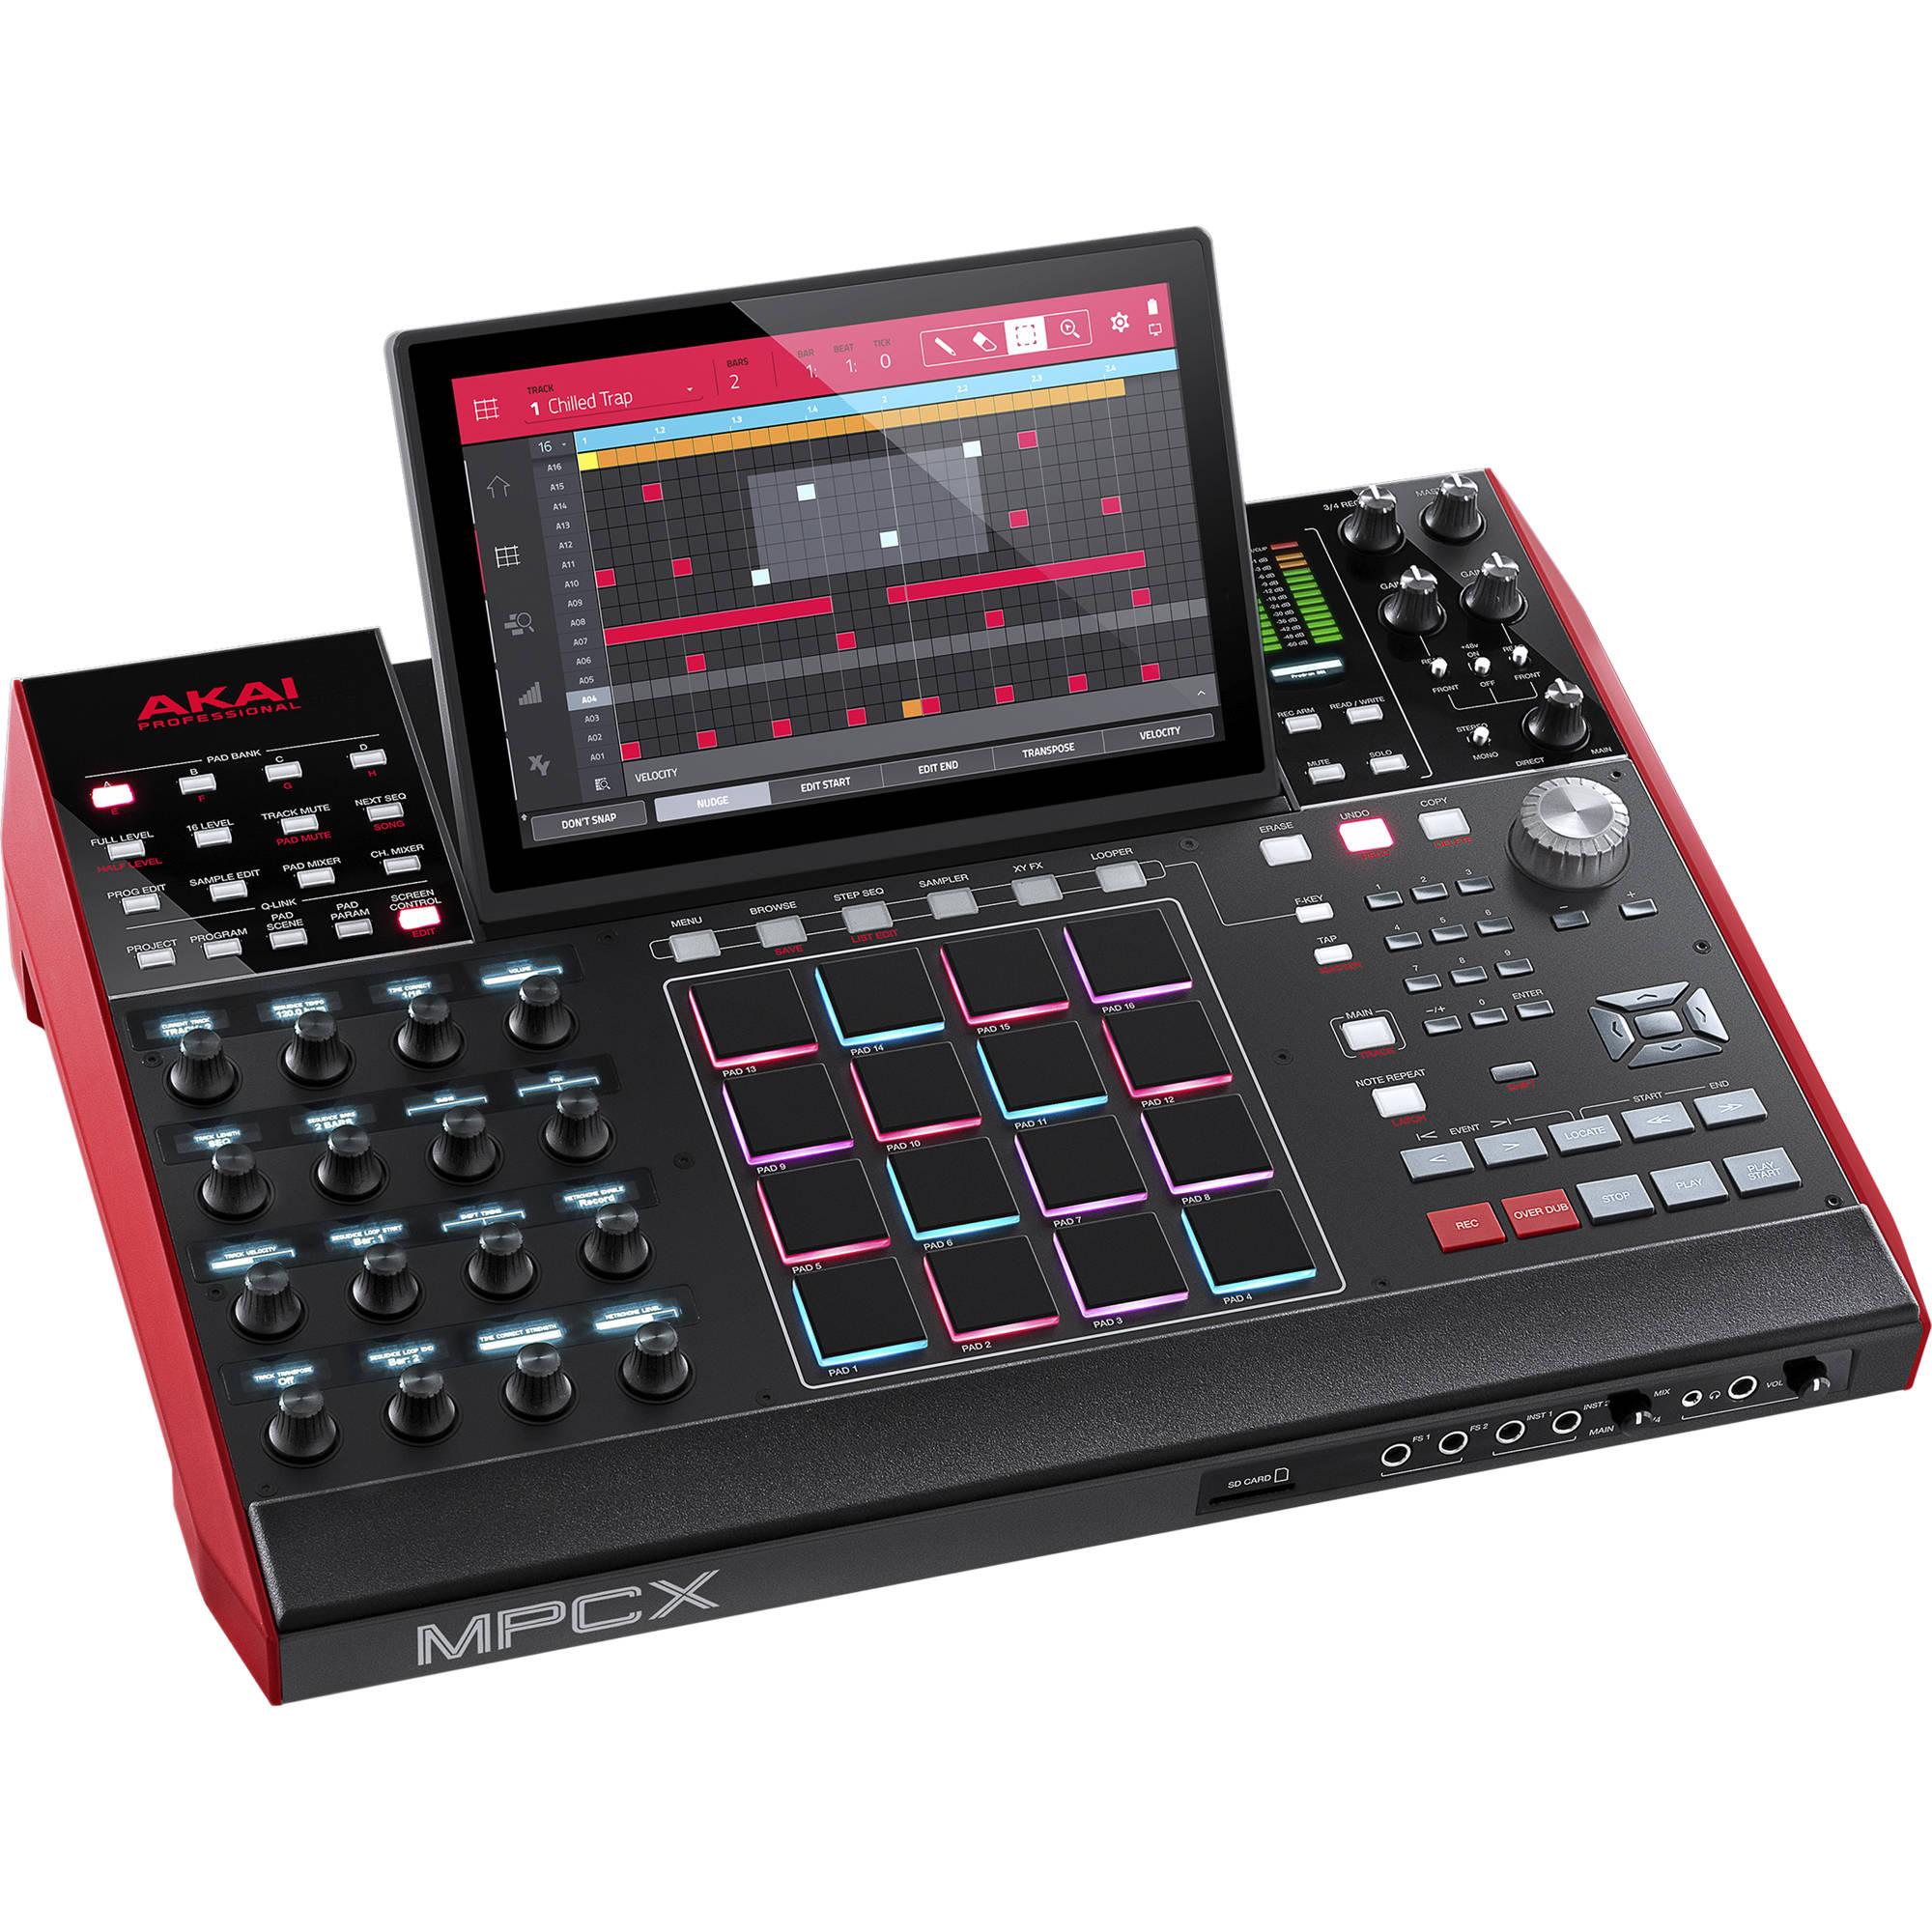 Taqwa sampling keyboard techno t9800 via omb.